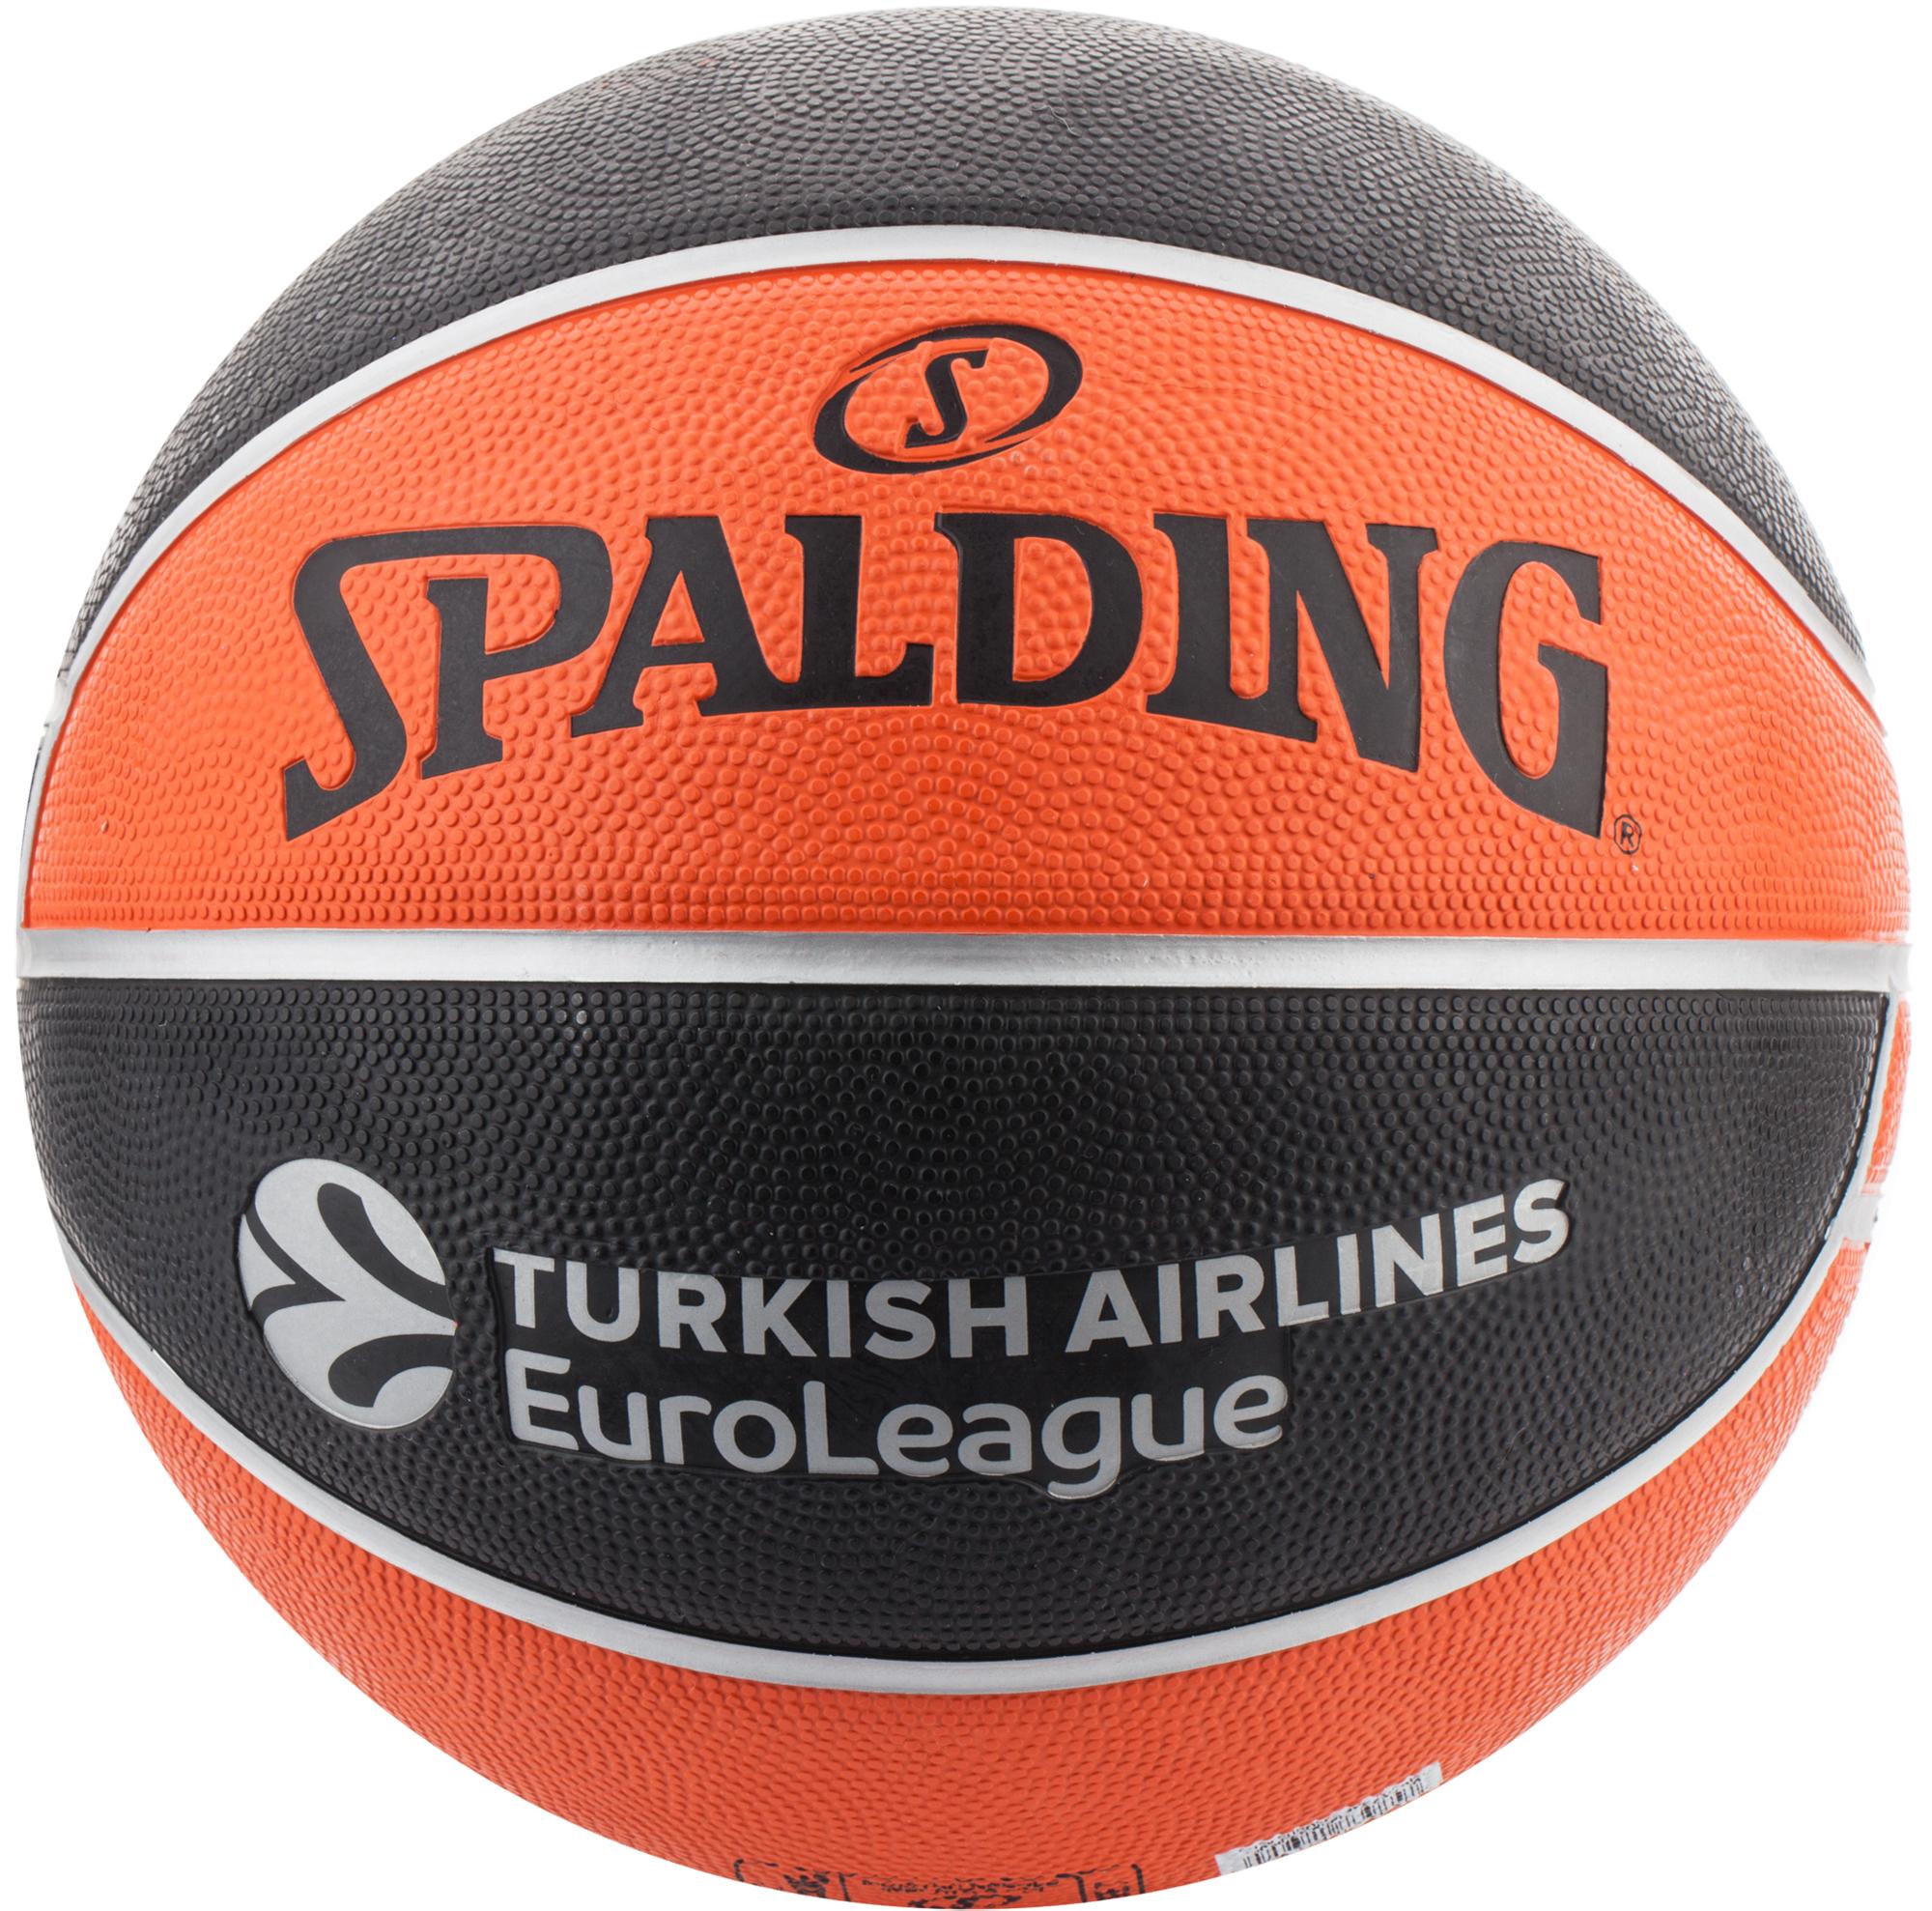 Spalding Мяч баскетбольный Spalding TF-150 Euroleague джулия ротман творческий девичник 10 идей для вдохновения экспериментов и дружеских встреч